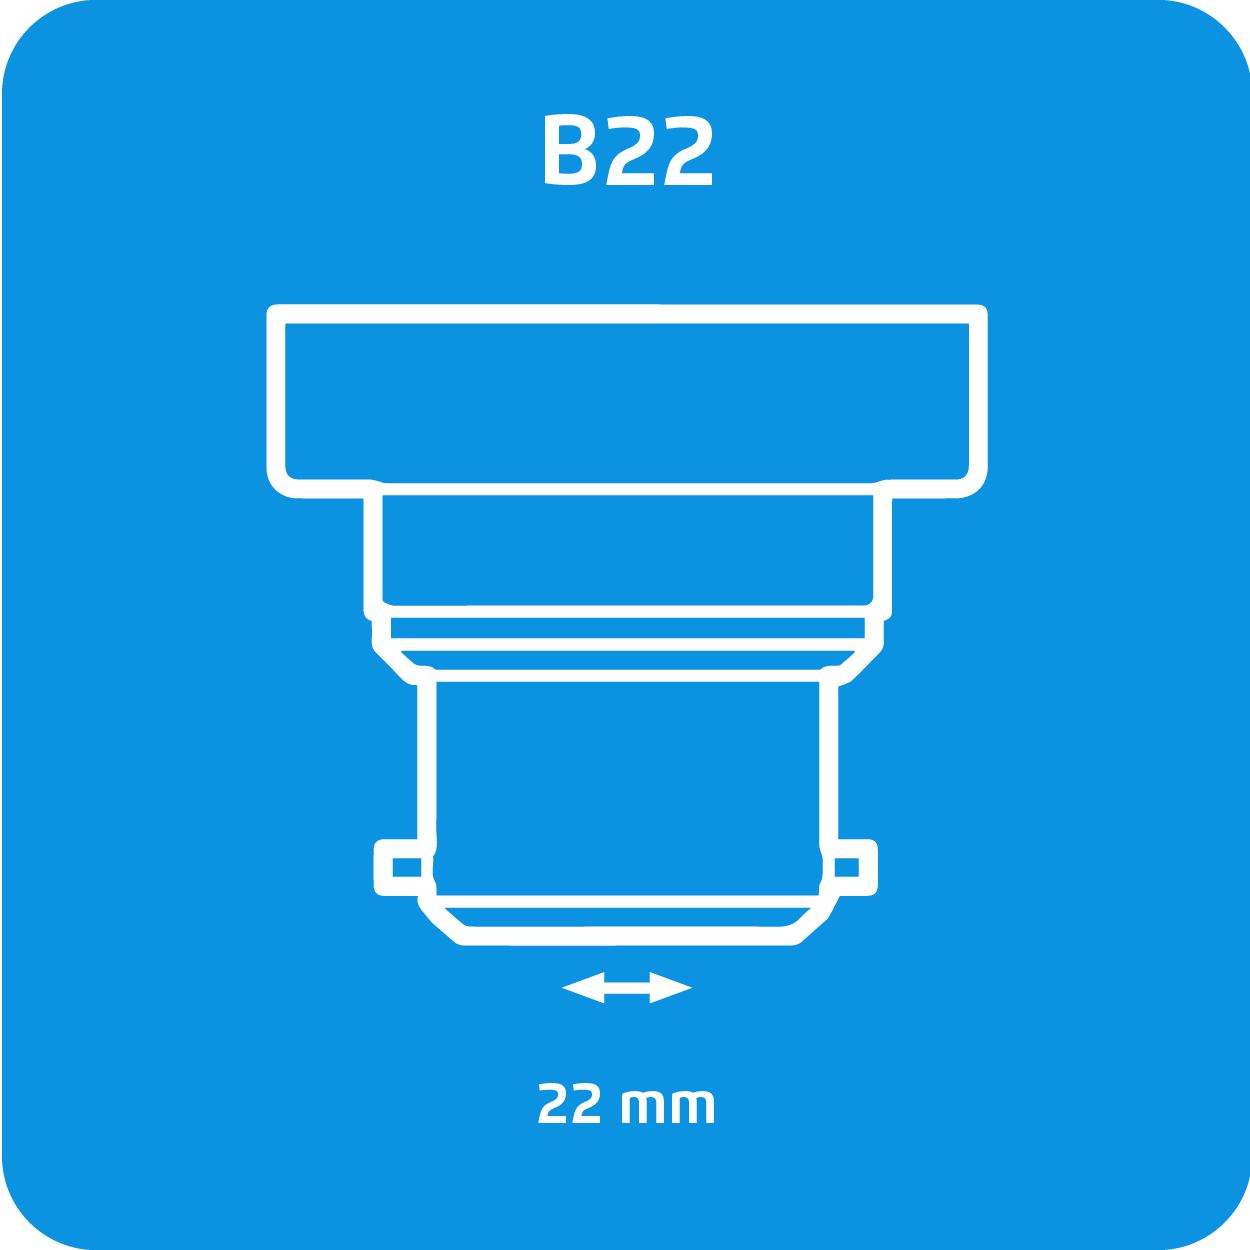 Casquillo B22